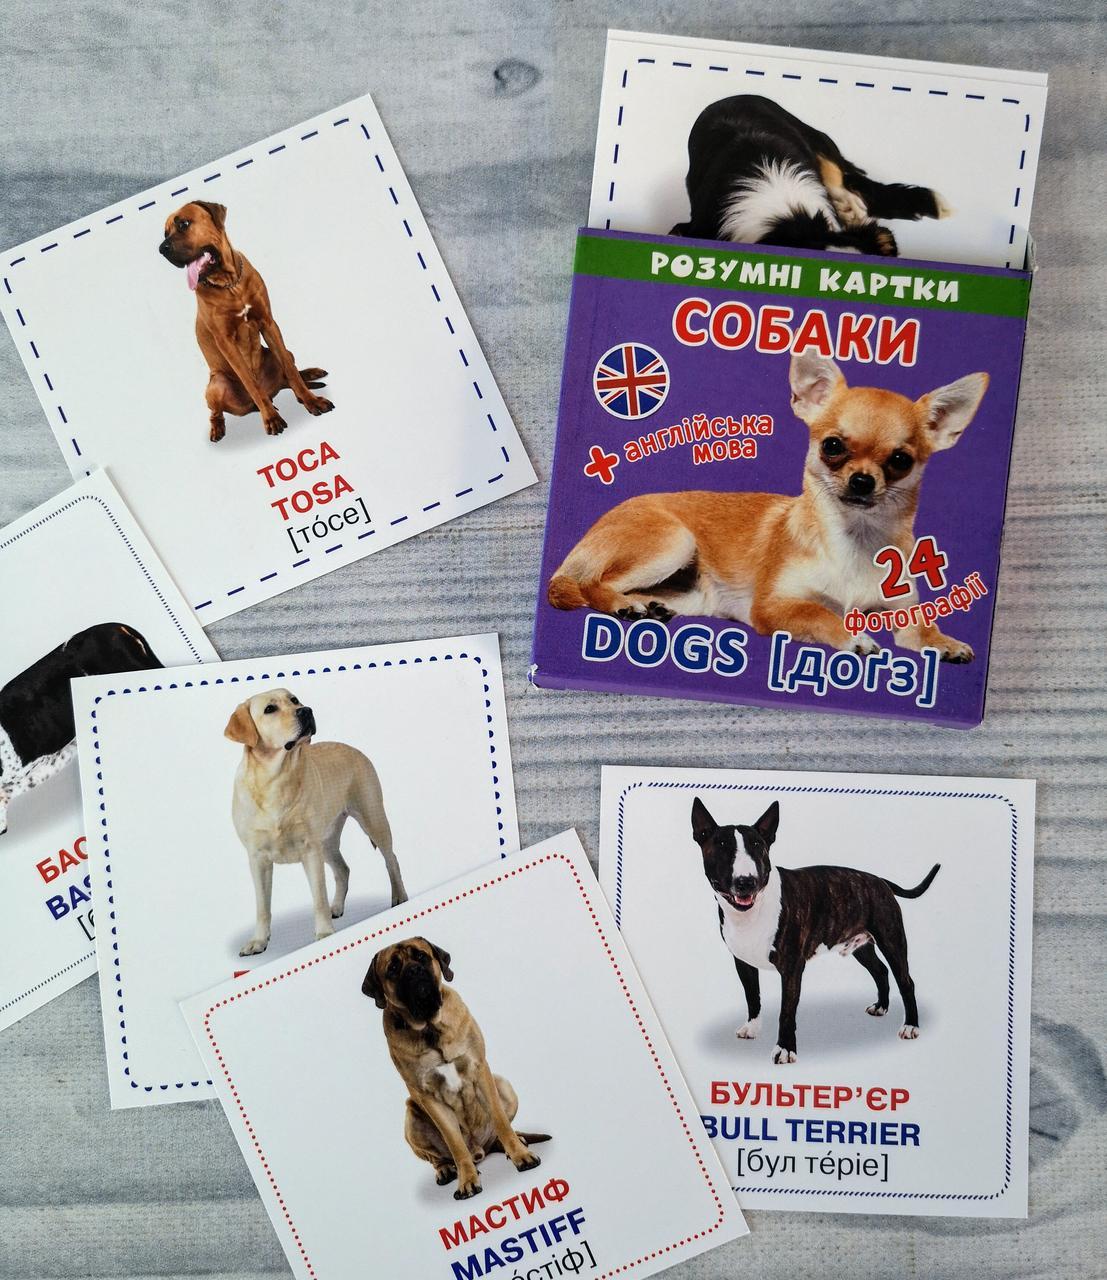 Развивающие карточки Вундеркинд: Розумні картки. Собаки 105383 БАО Украина